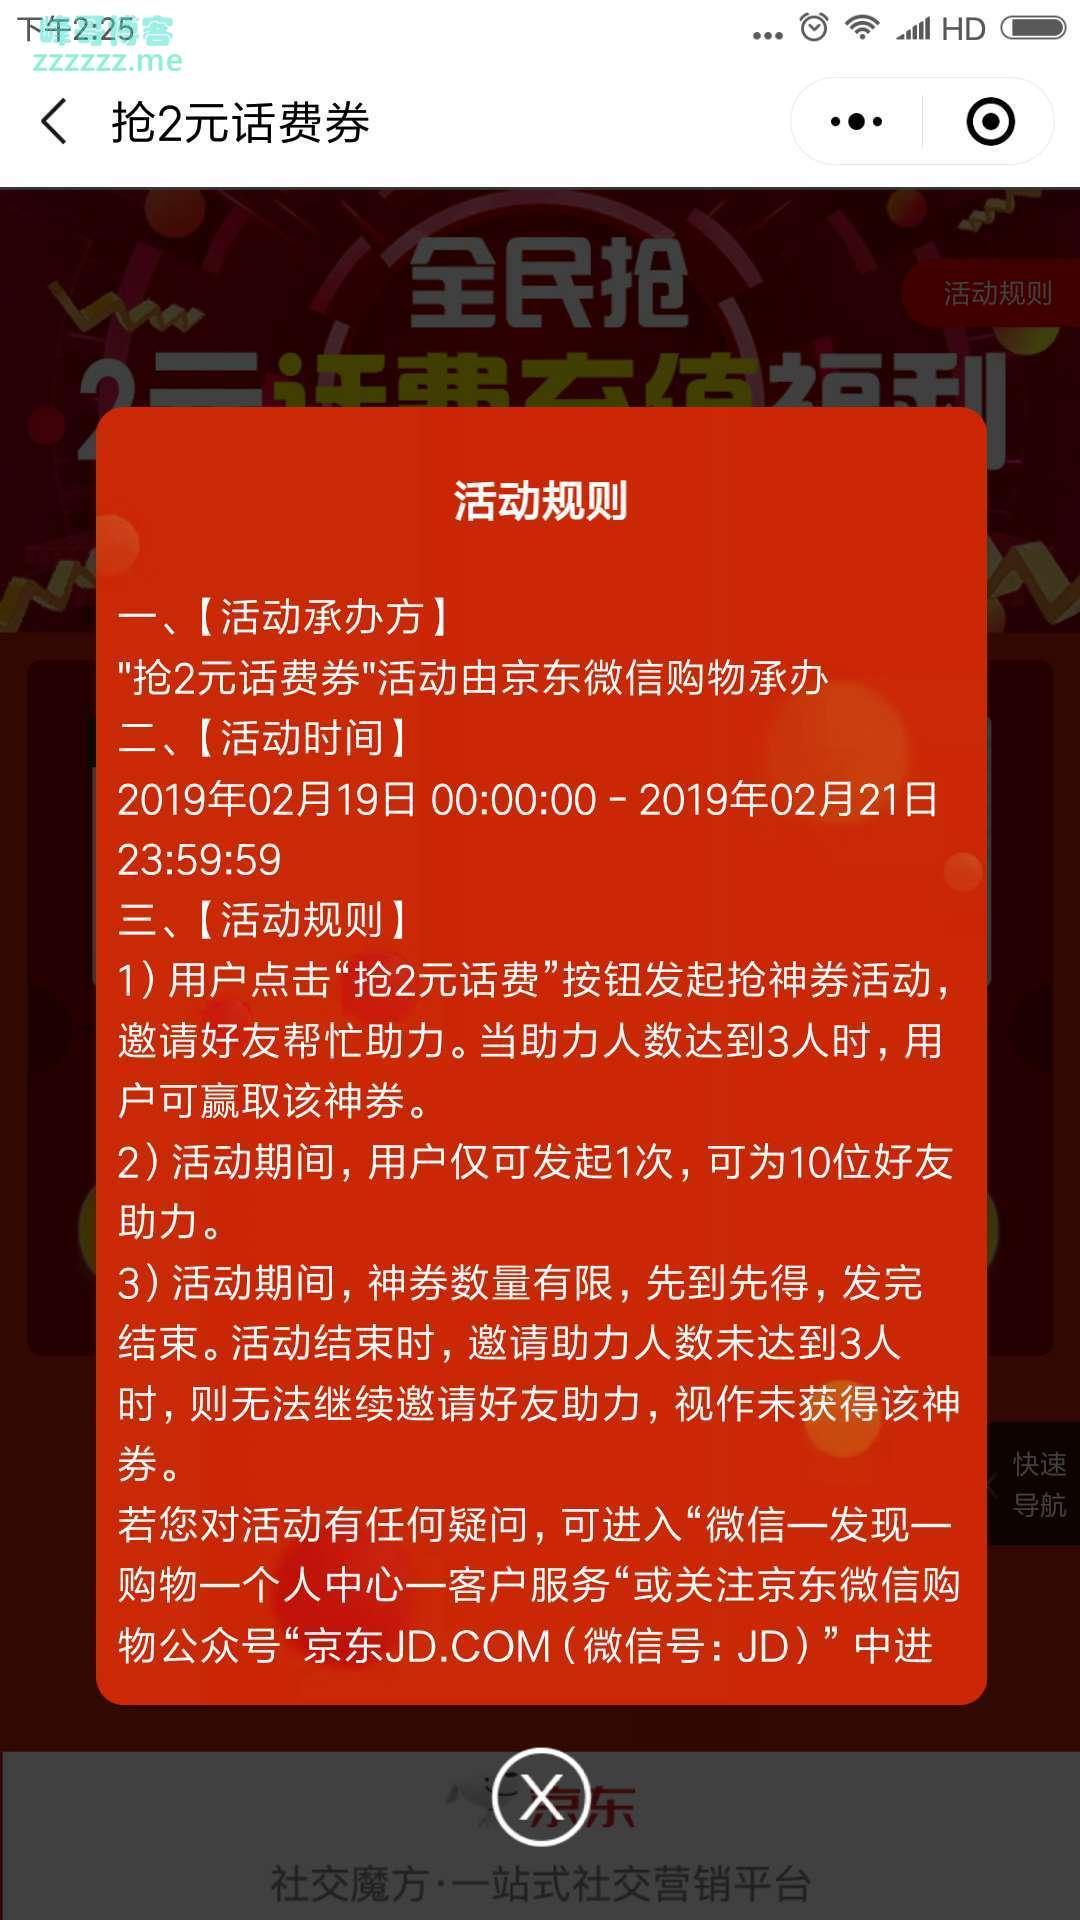 <京东充值>抢2元话费券(截止2月21日)